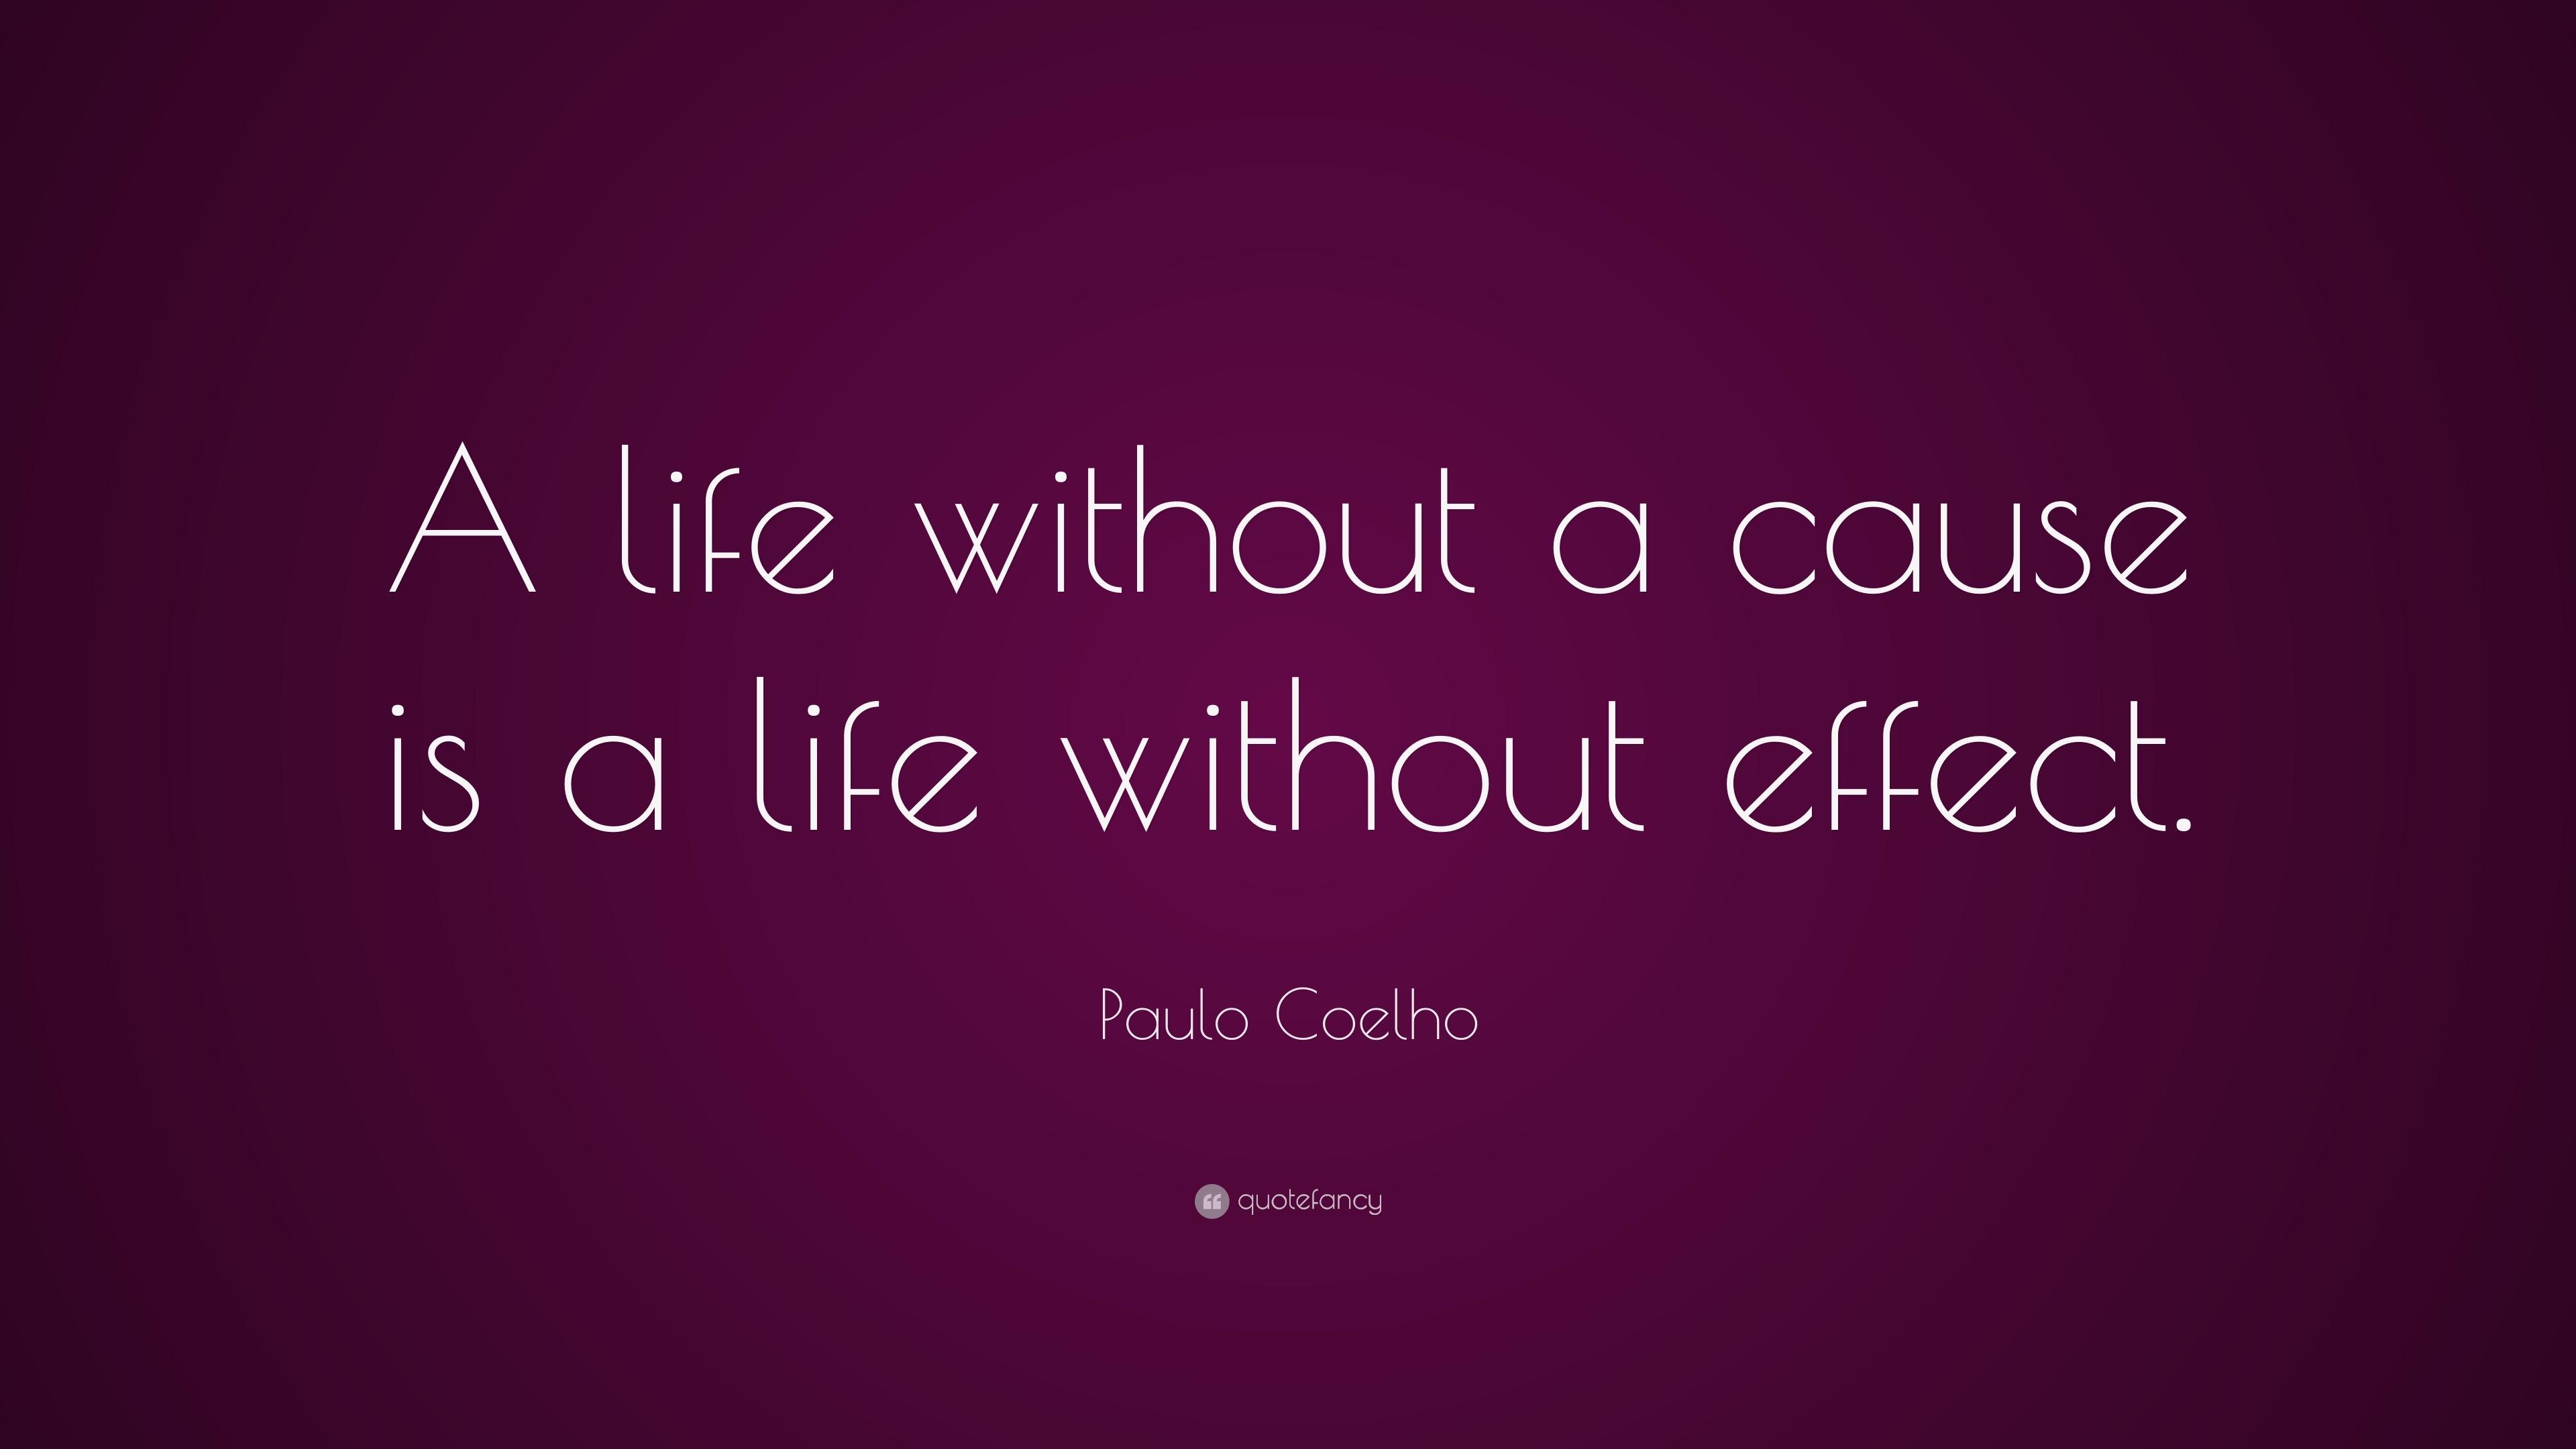 Paulo coelho life